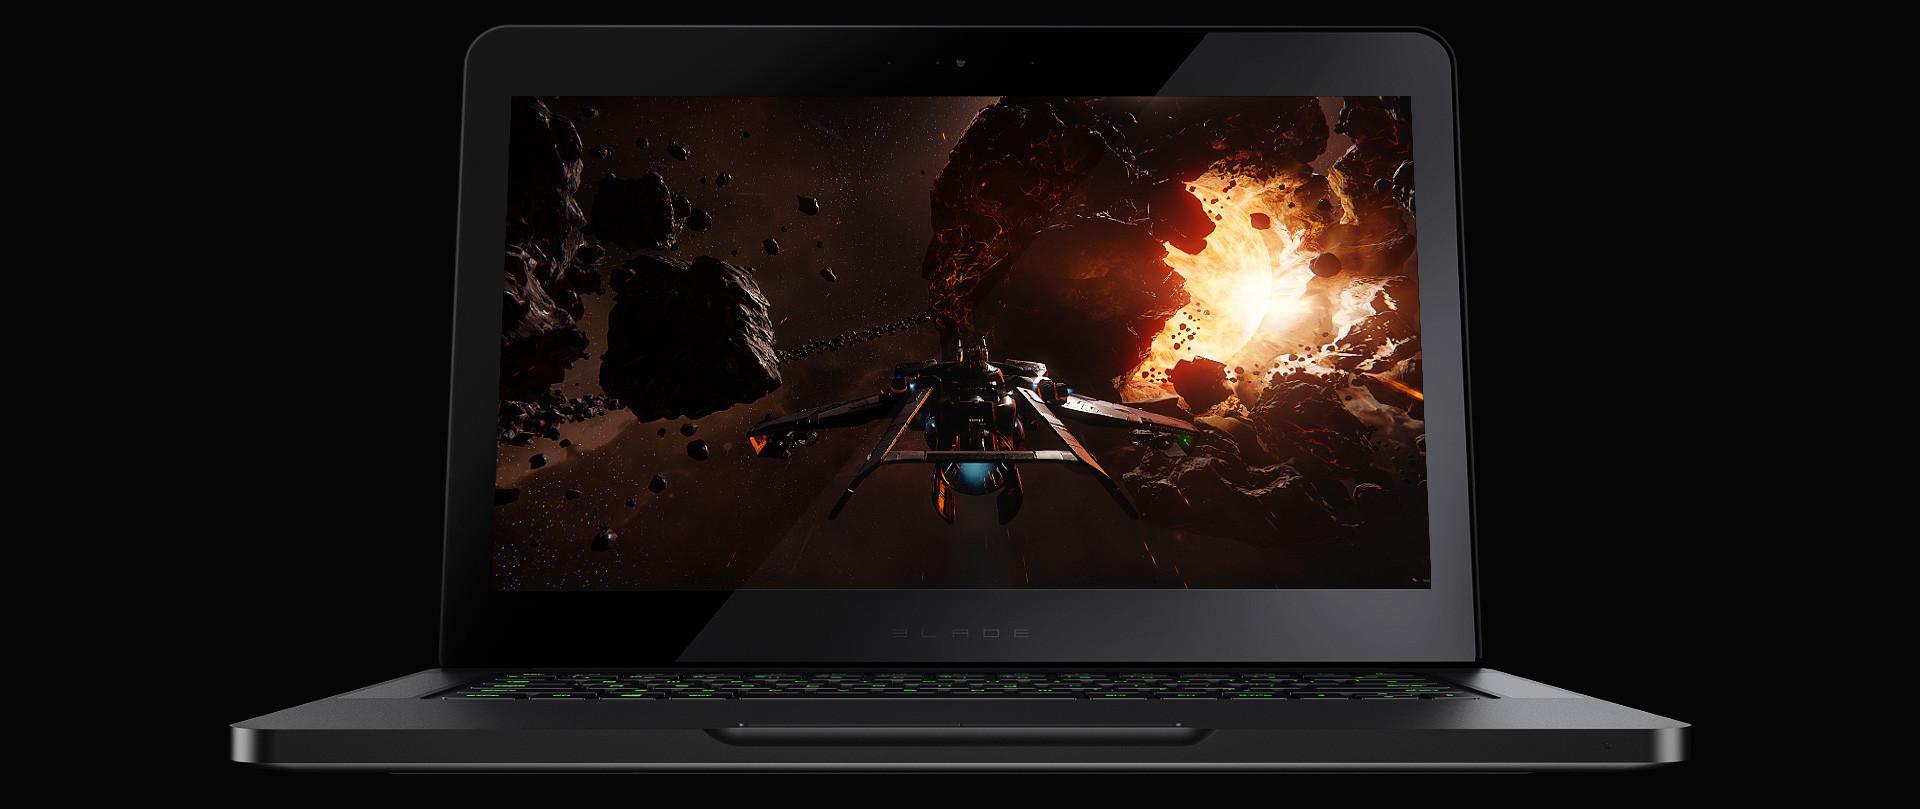 是輕薄電競筆電代表 Razer Blade 換上新核心、新獨顯與更高解析度螢幕再次登場這篇文章的首圖